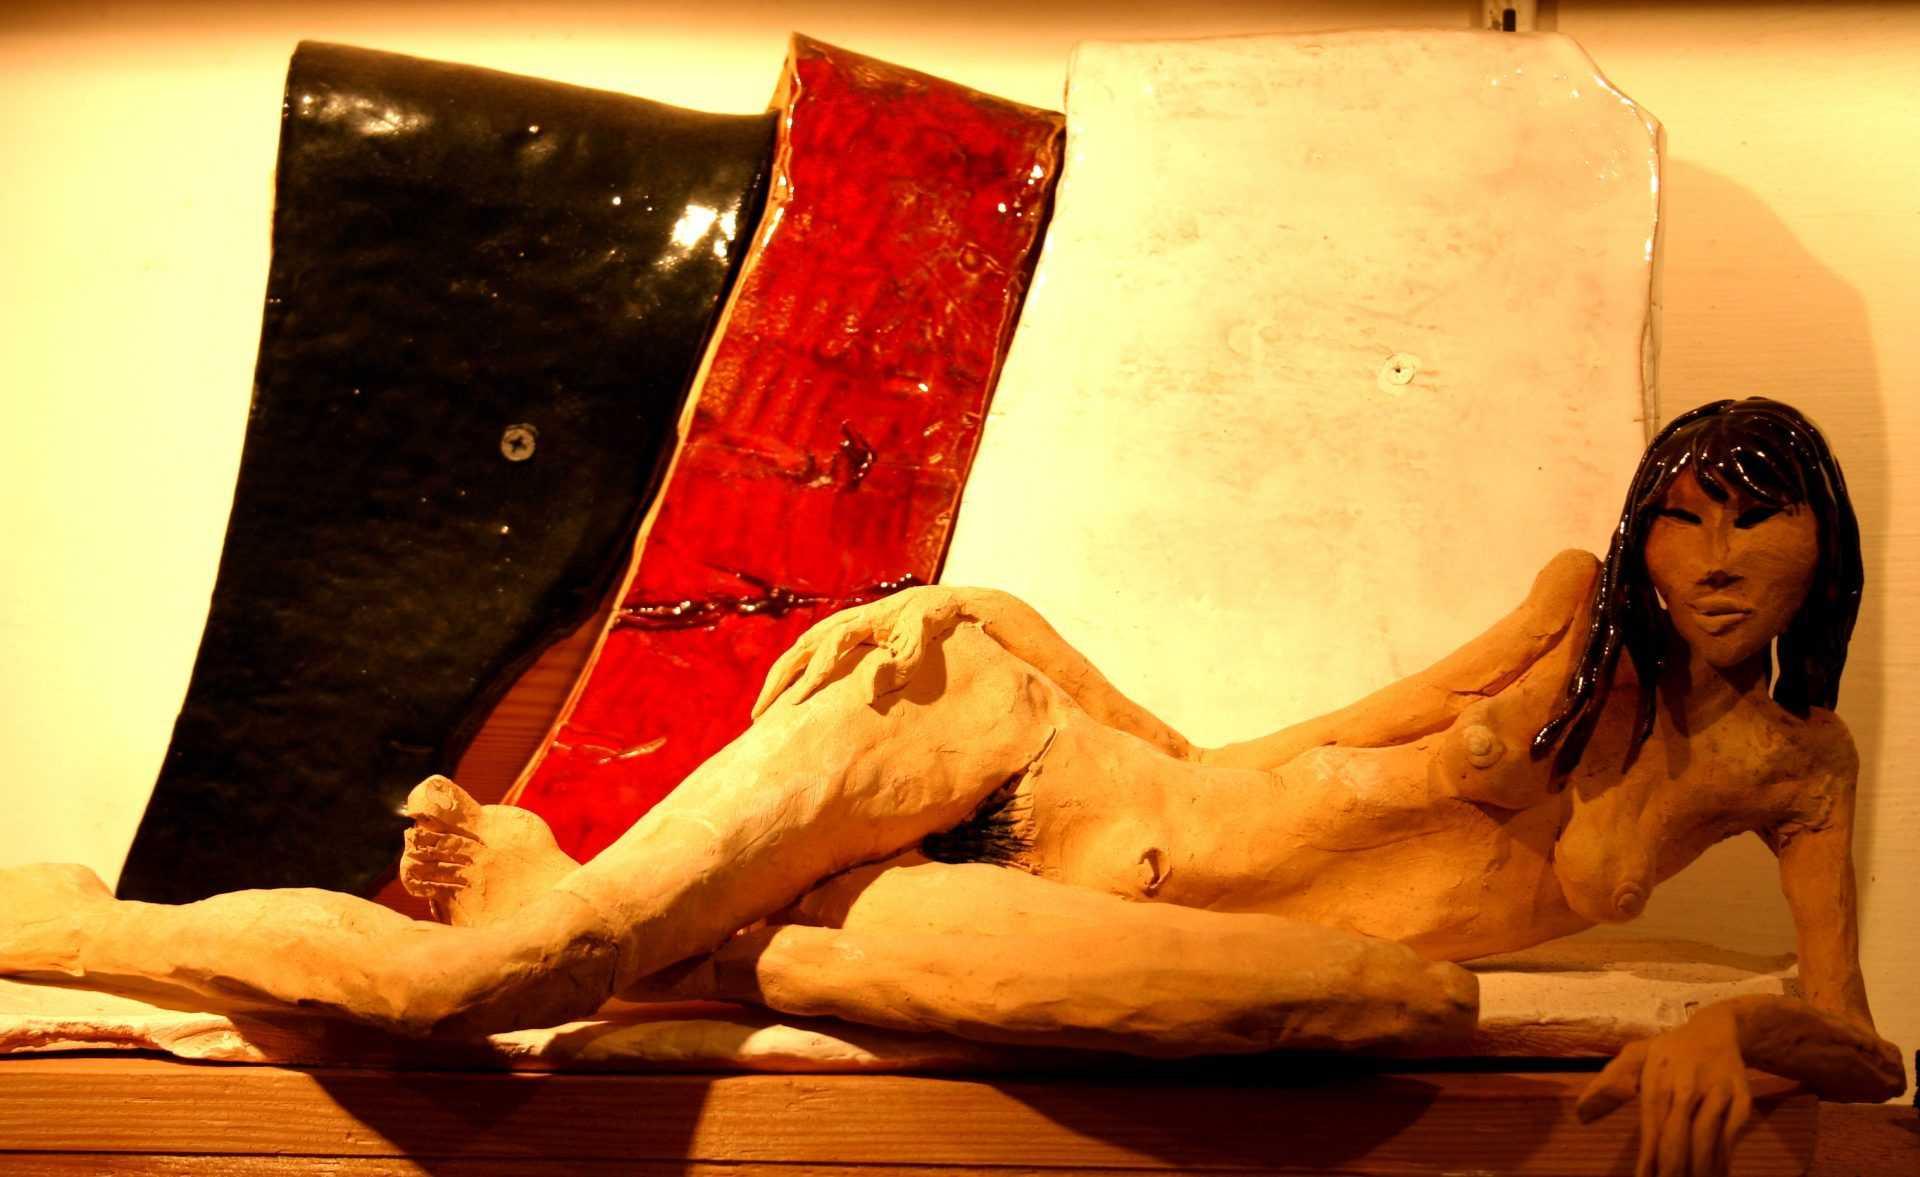 antoine-paul-camilleri-ceramics-2011-1